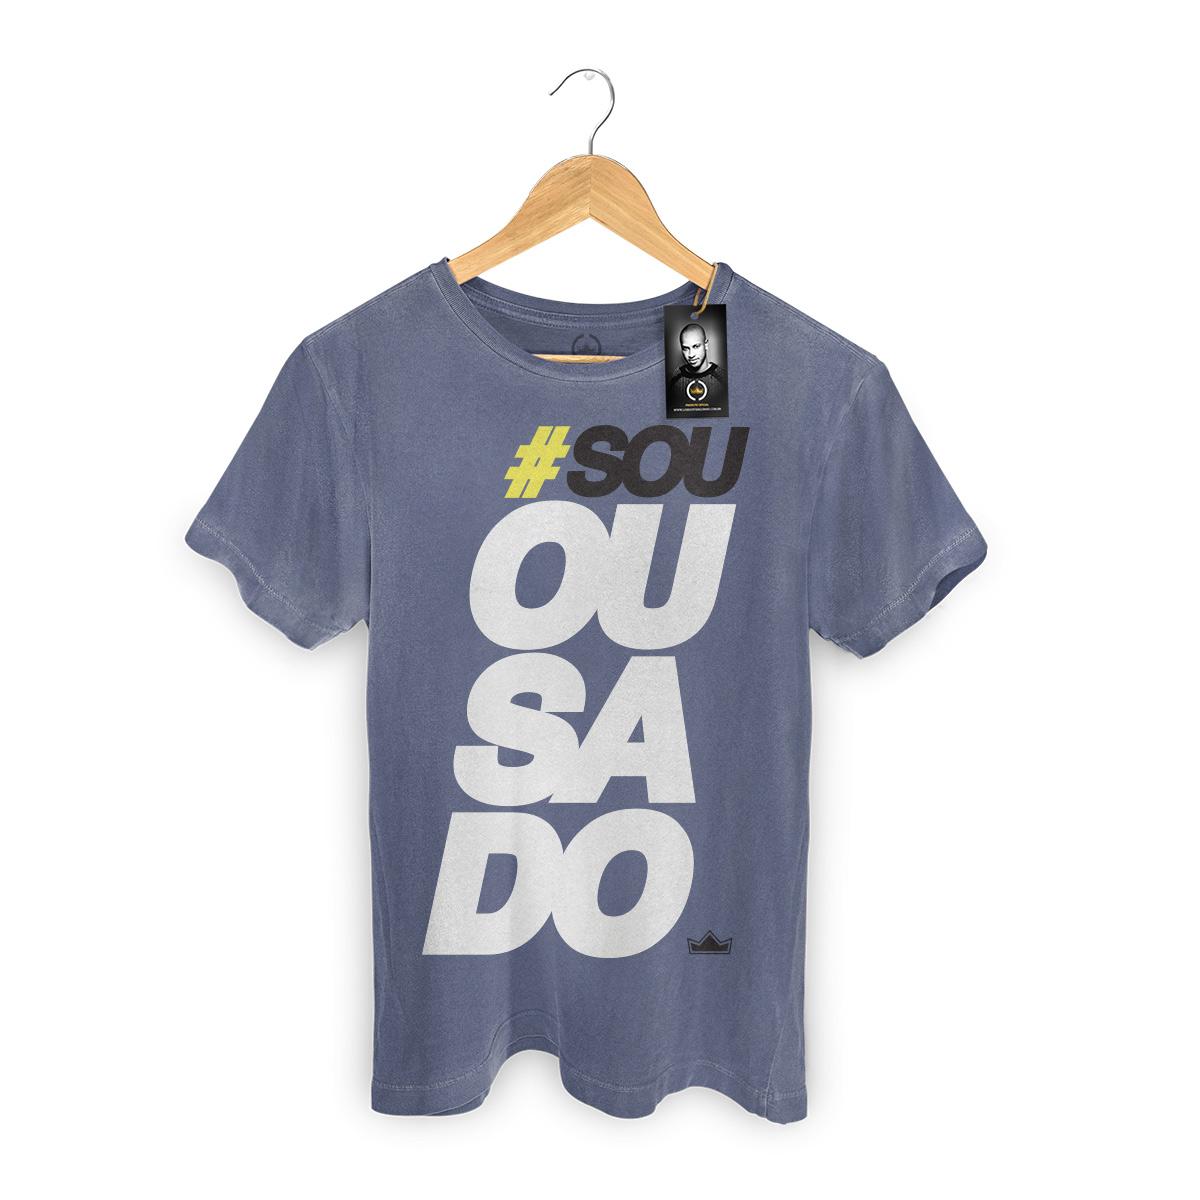 T-shirt Premium Masculina Thiaguinho Sou Ousado